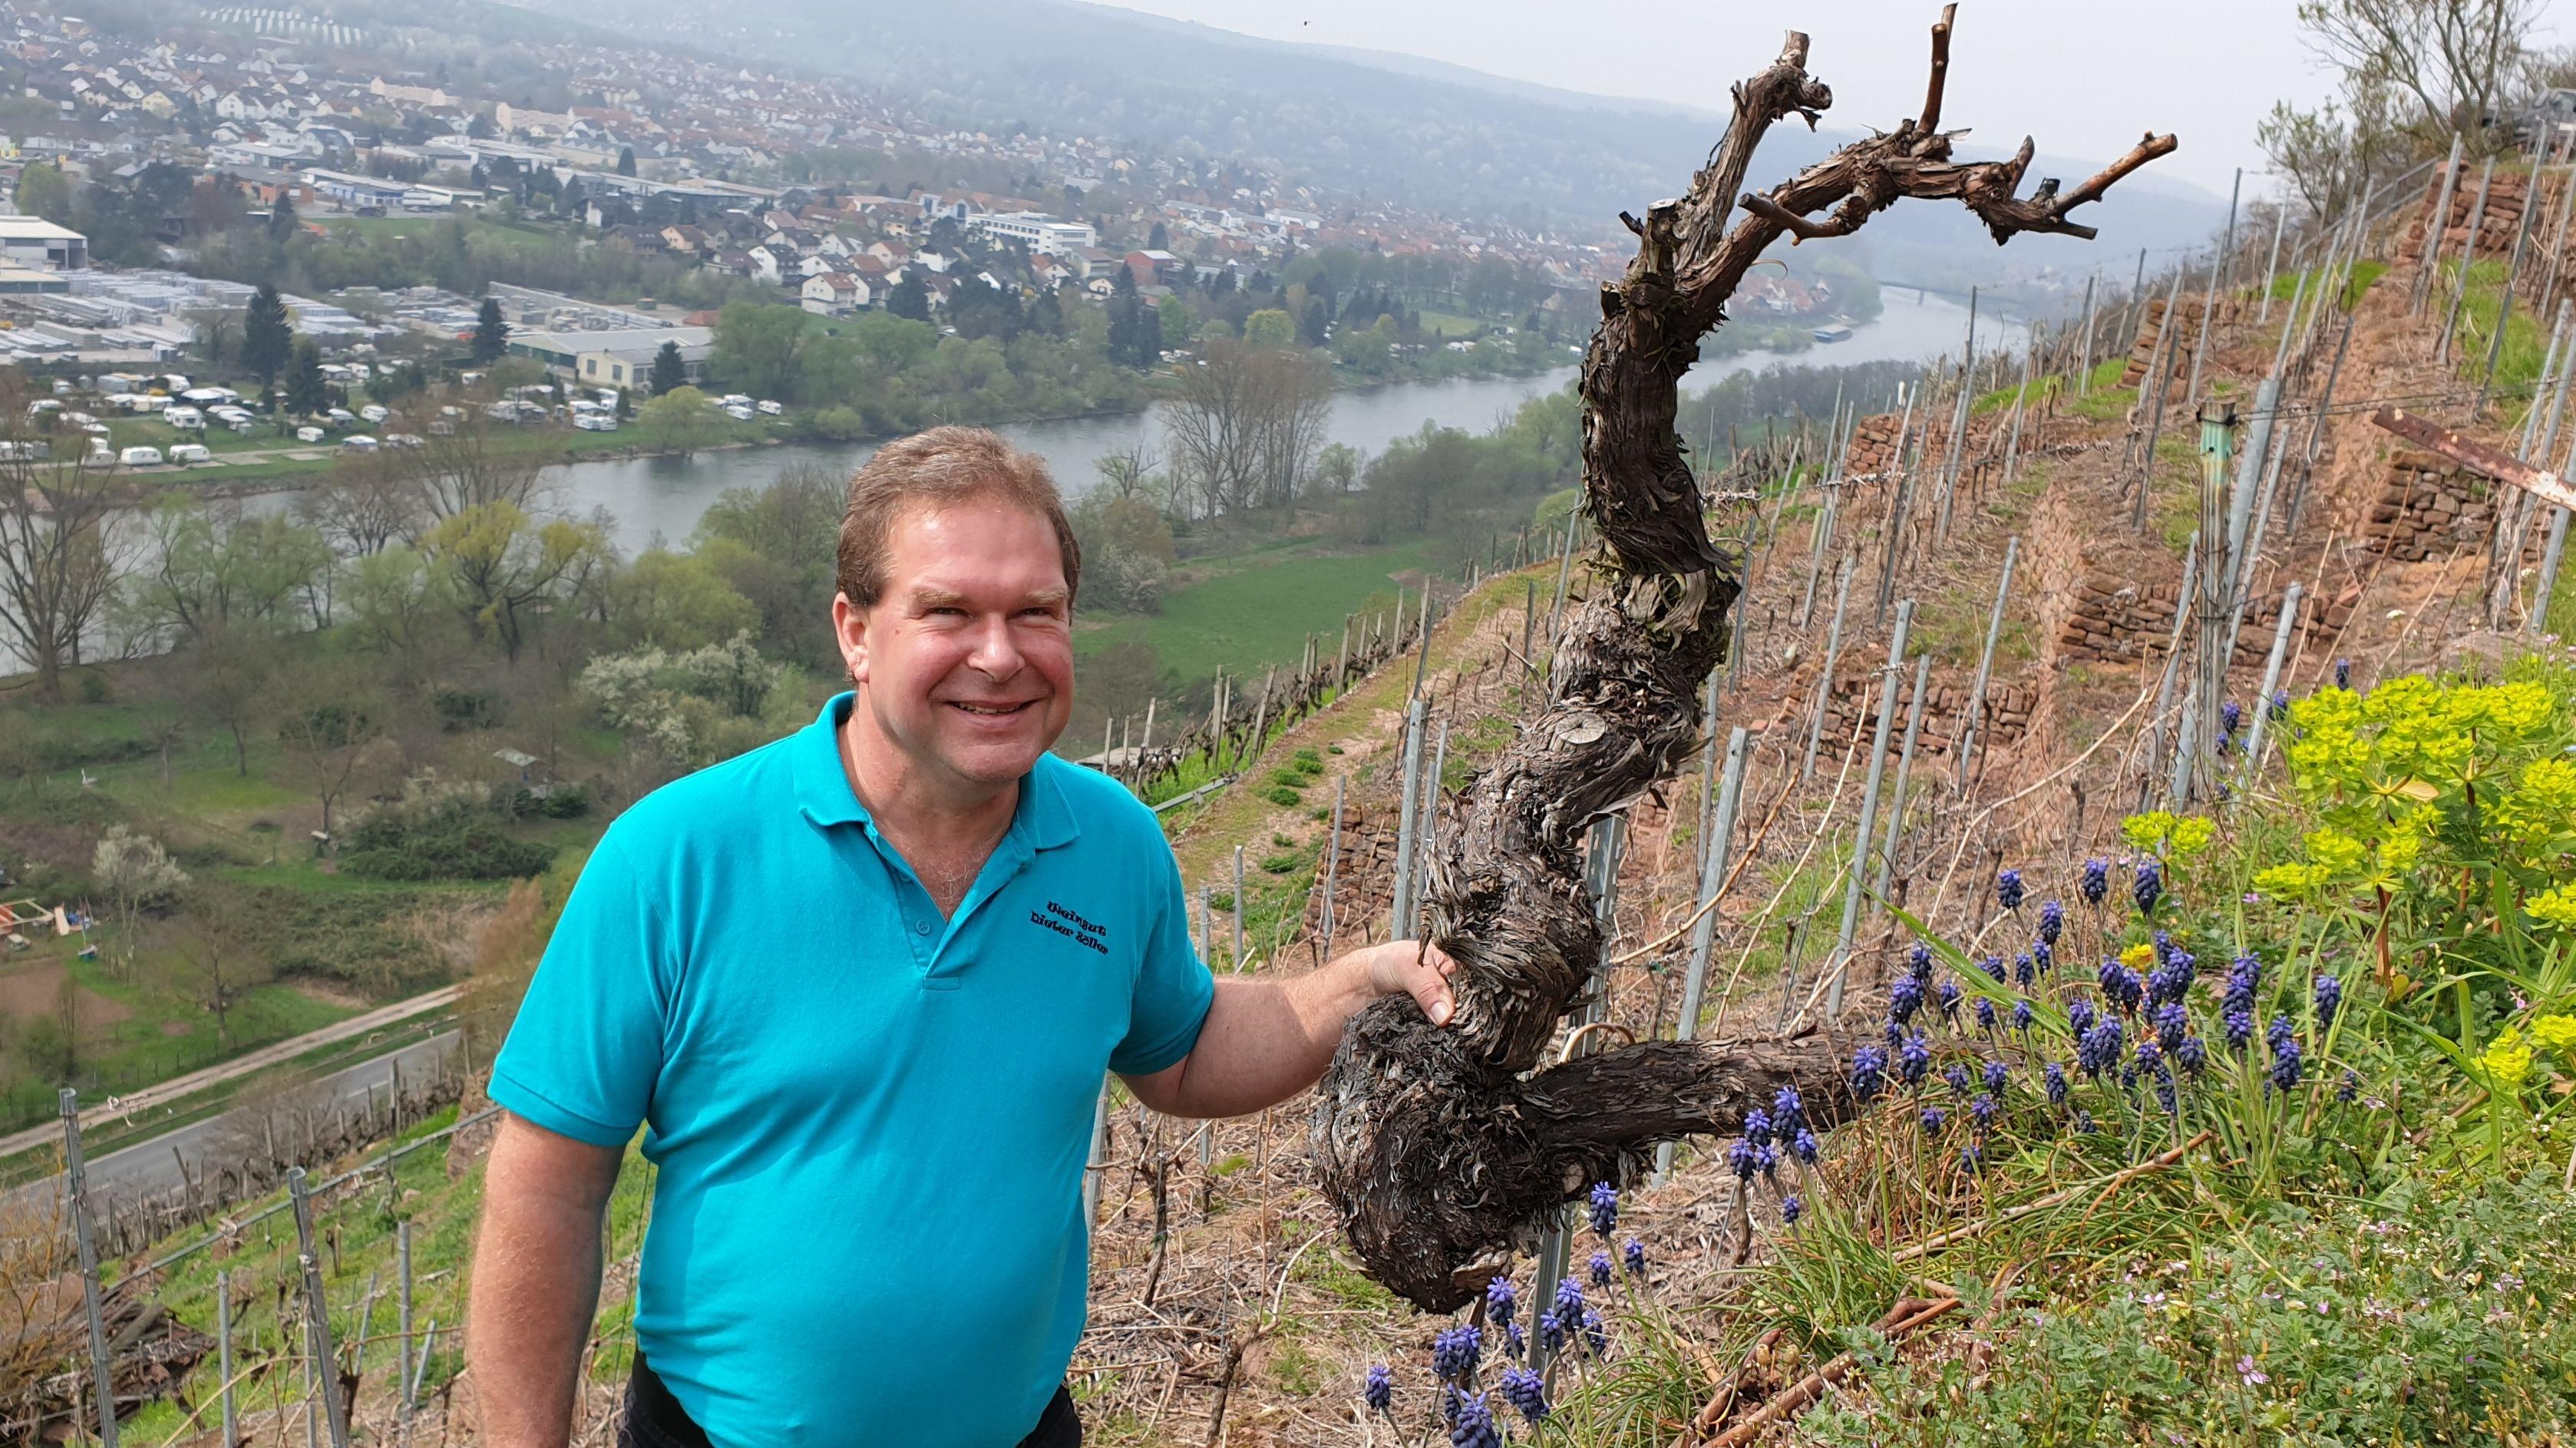 Winzer Dieter Zöller in seinem Weinberg am Erlenbach am Main.